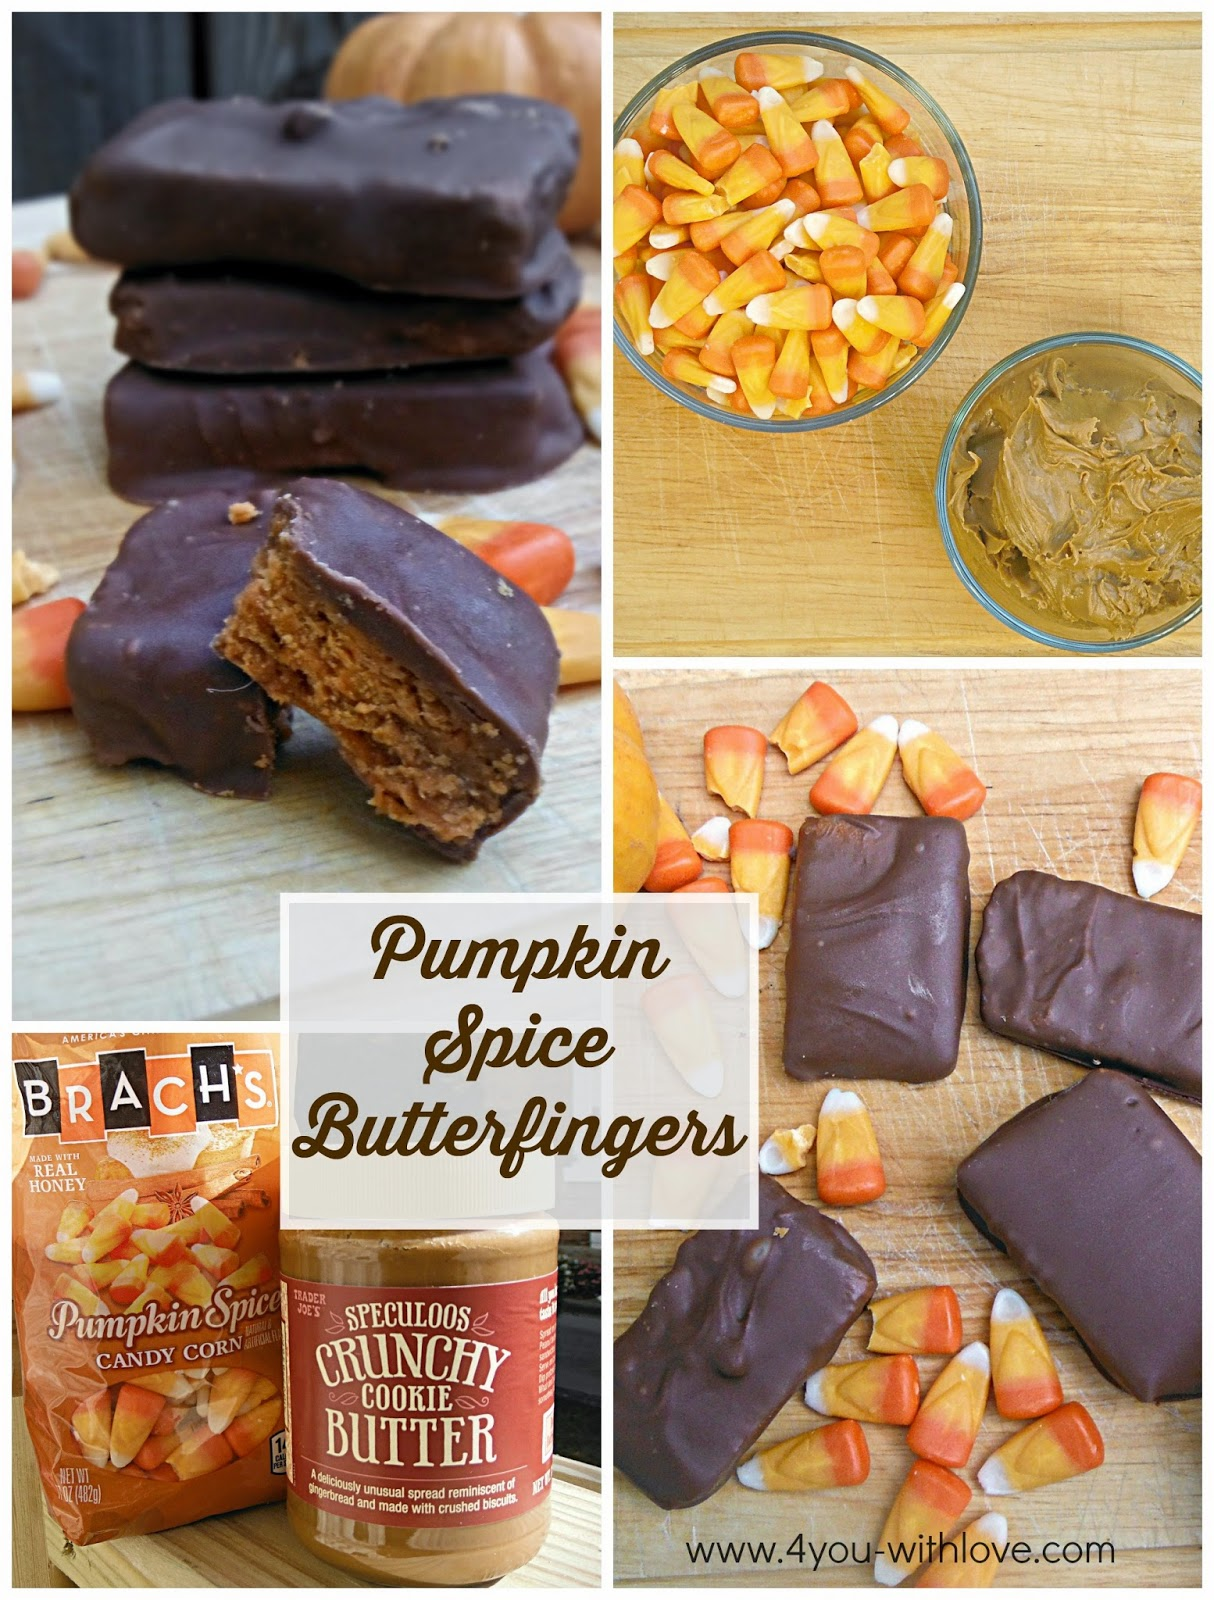 Pumpkin Spice Butterfingers